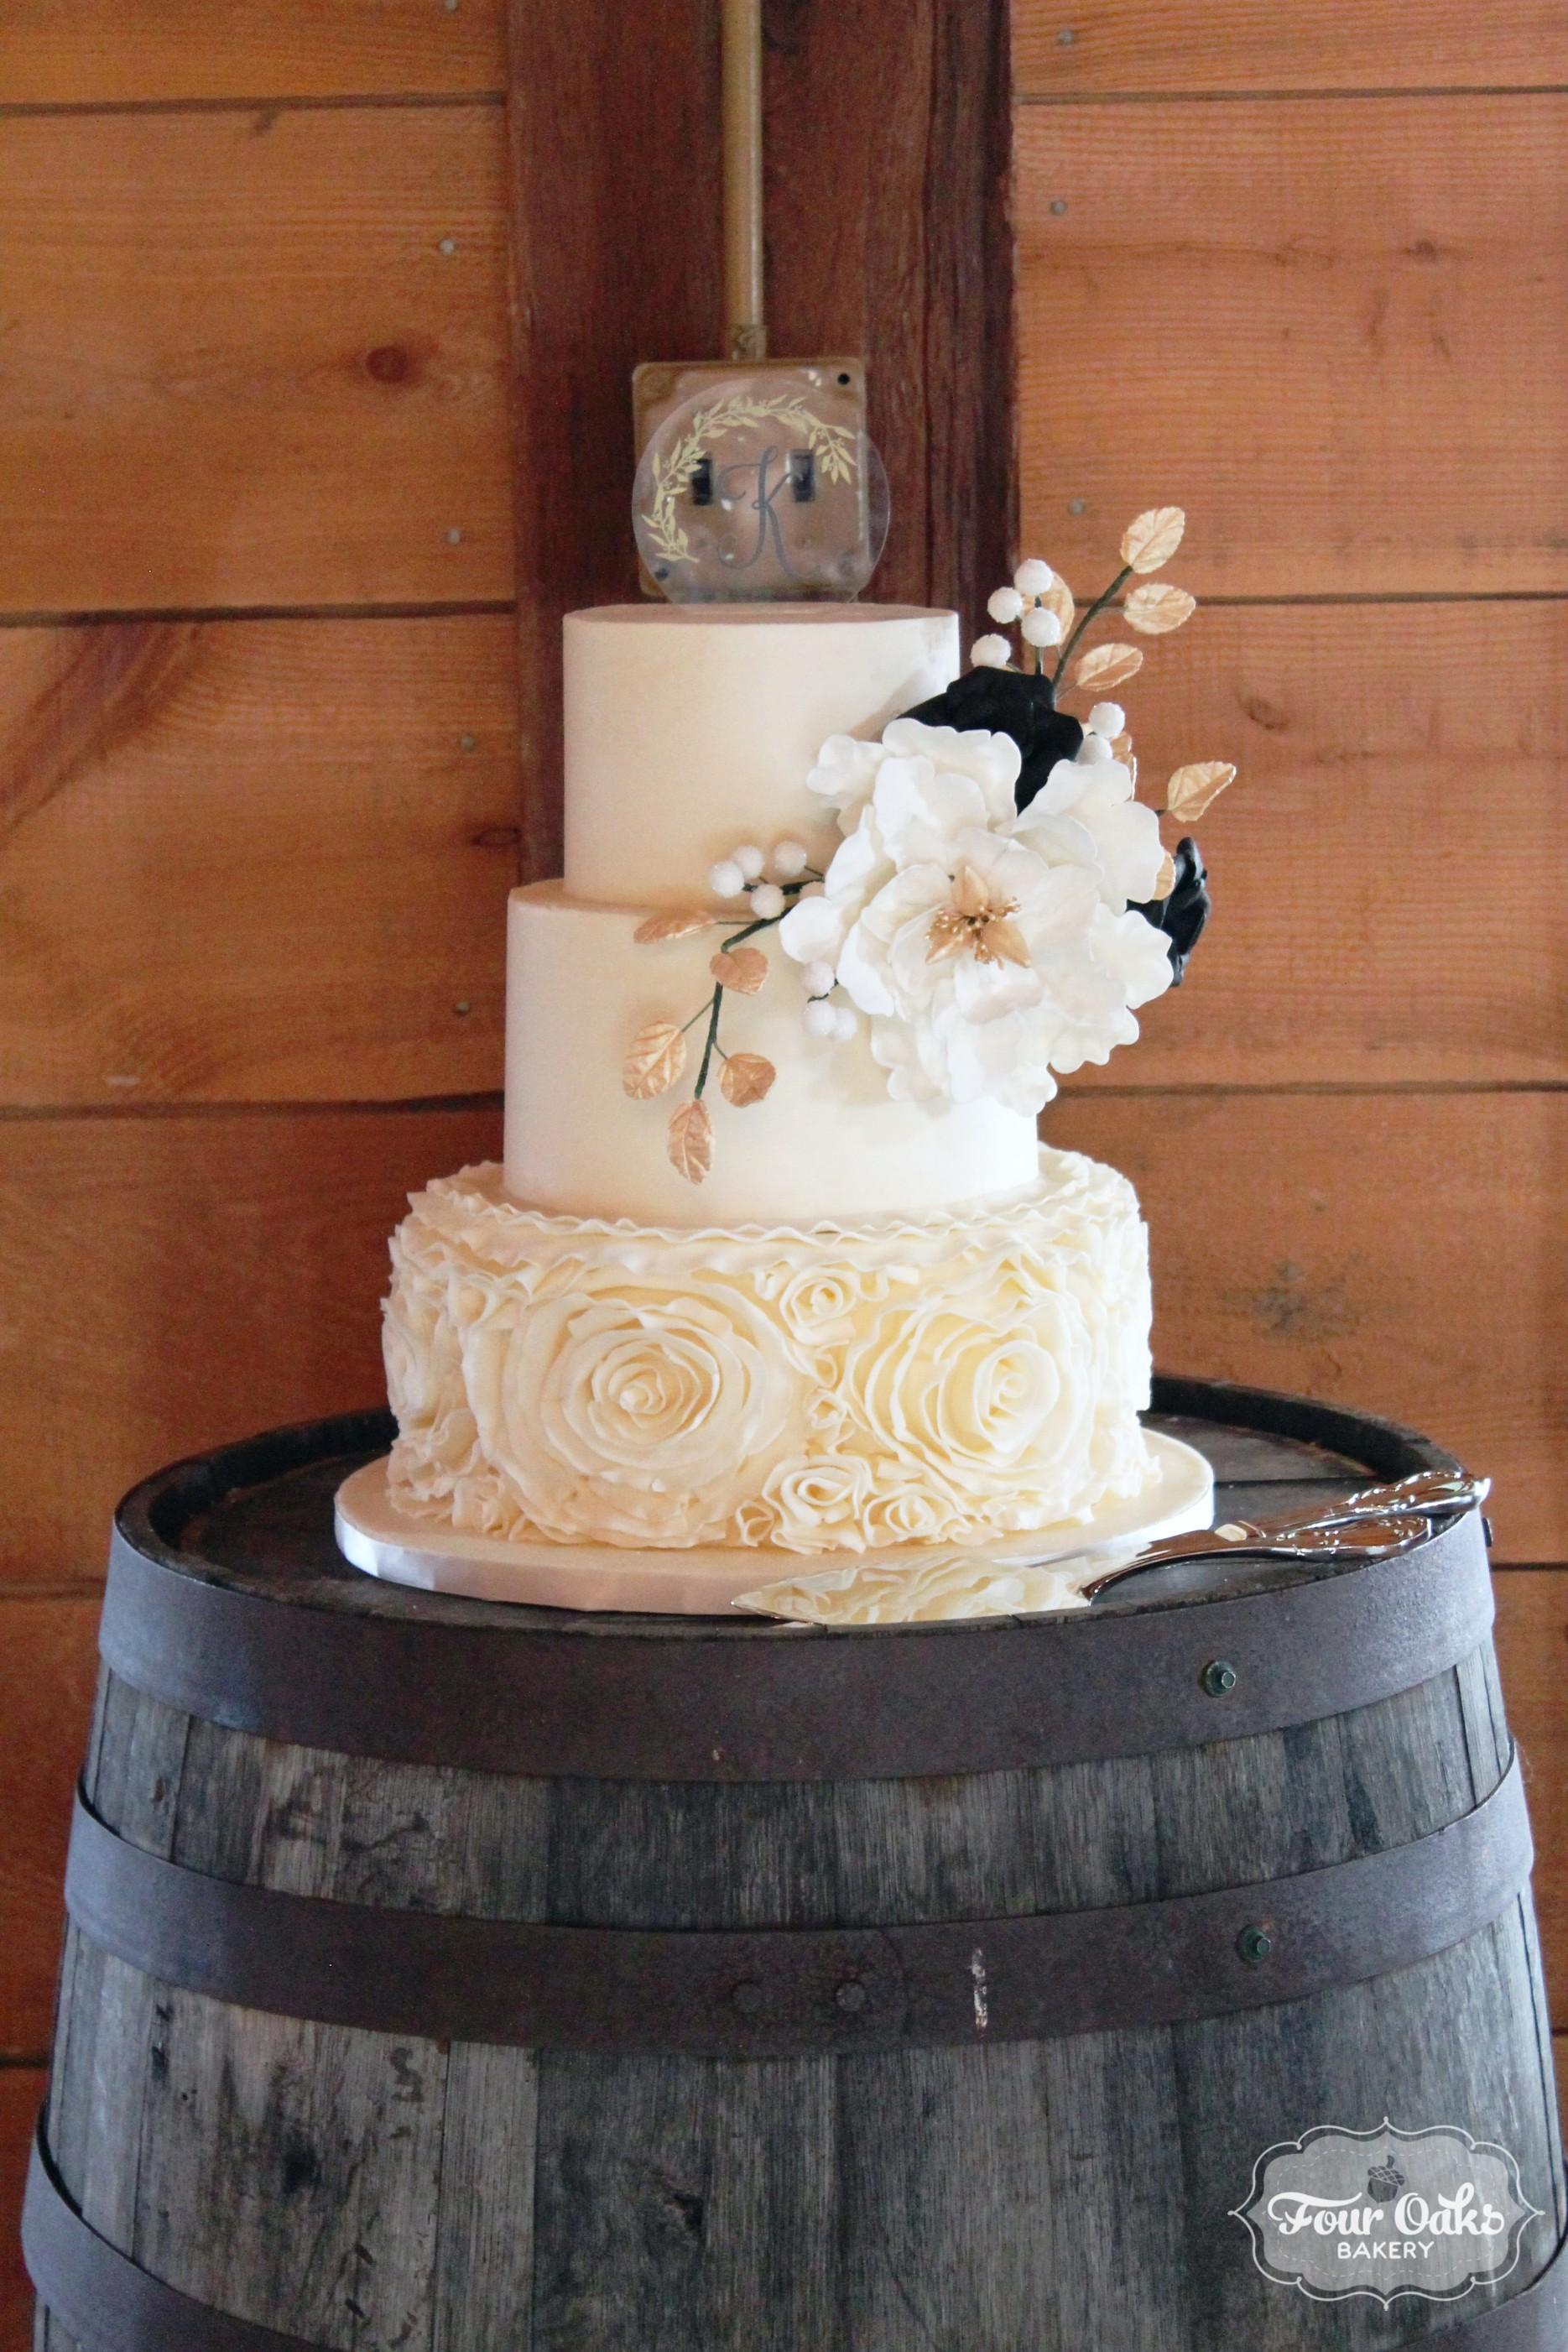 Black, Gold, and Ivory Wedding Cake - Four Oaks Bakery